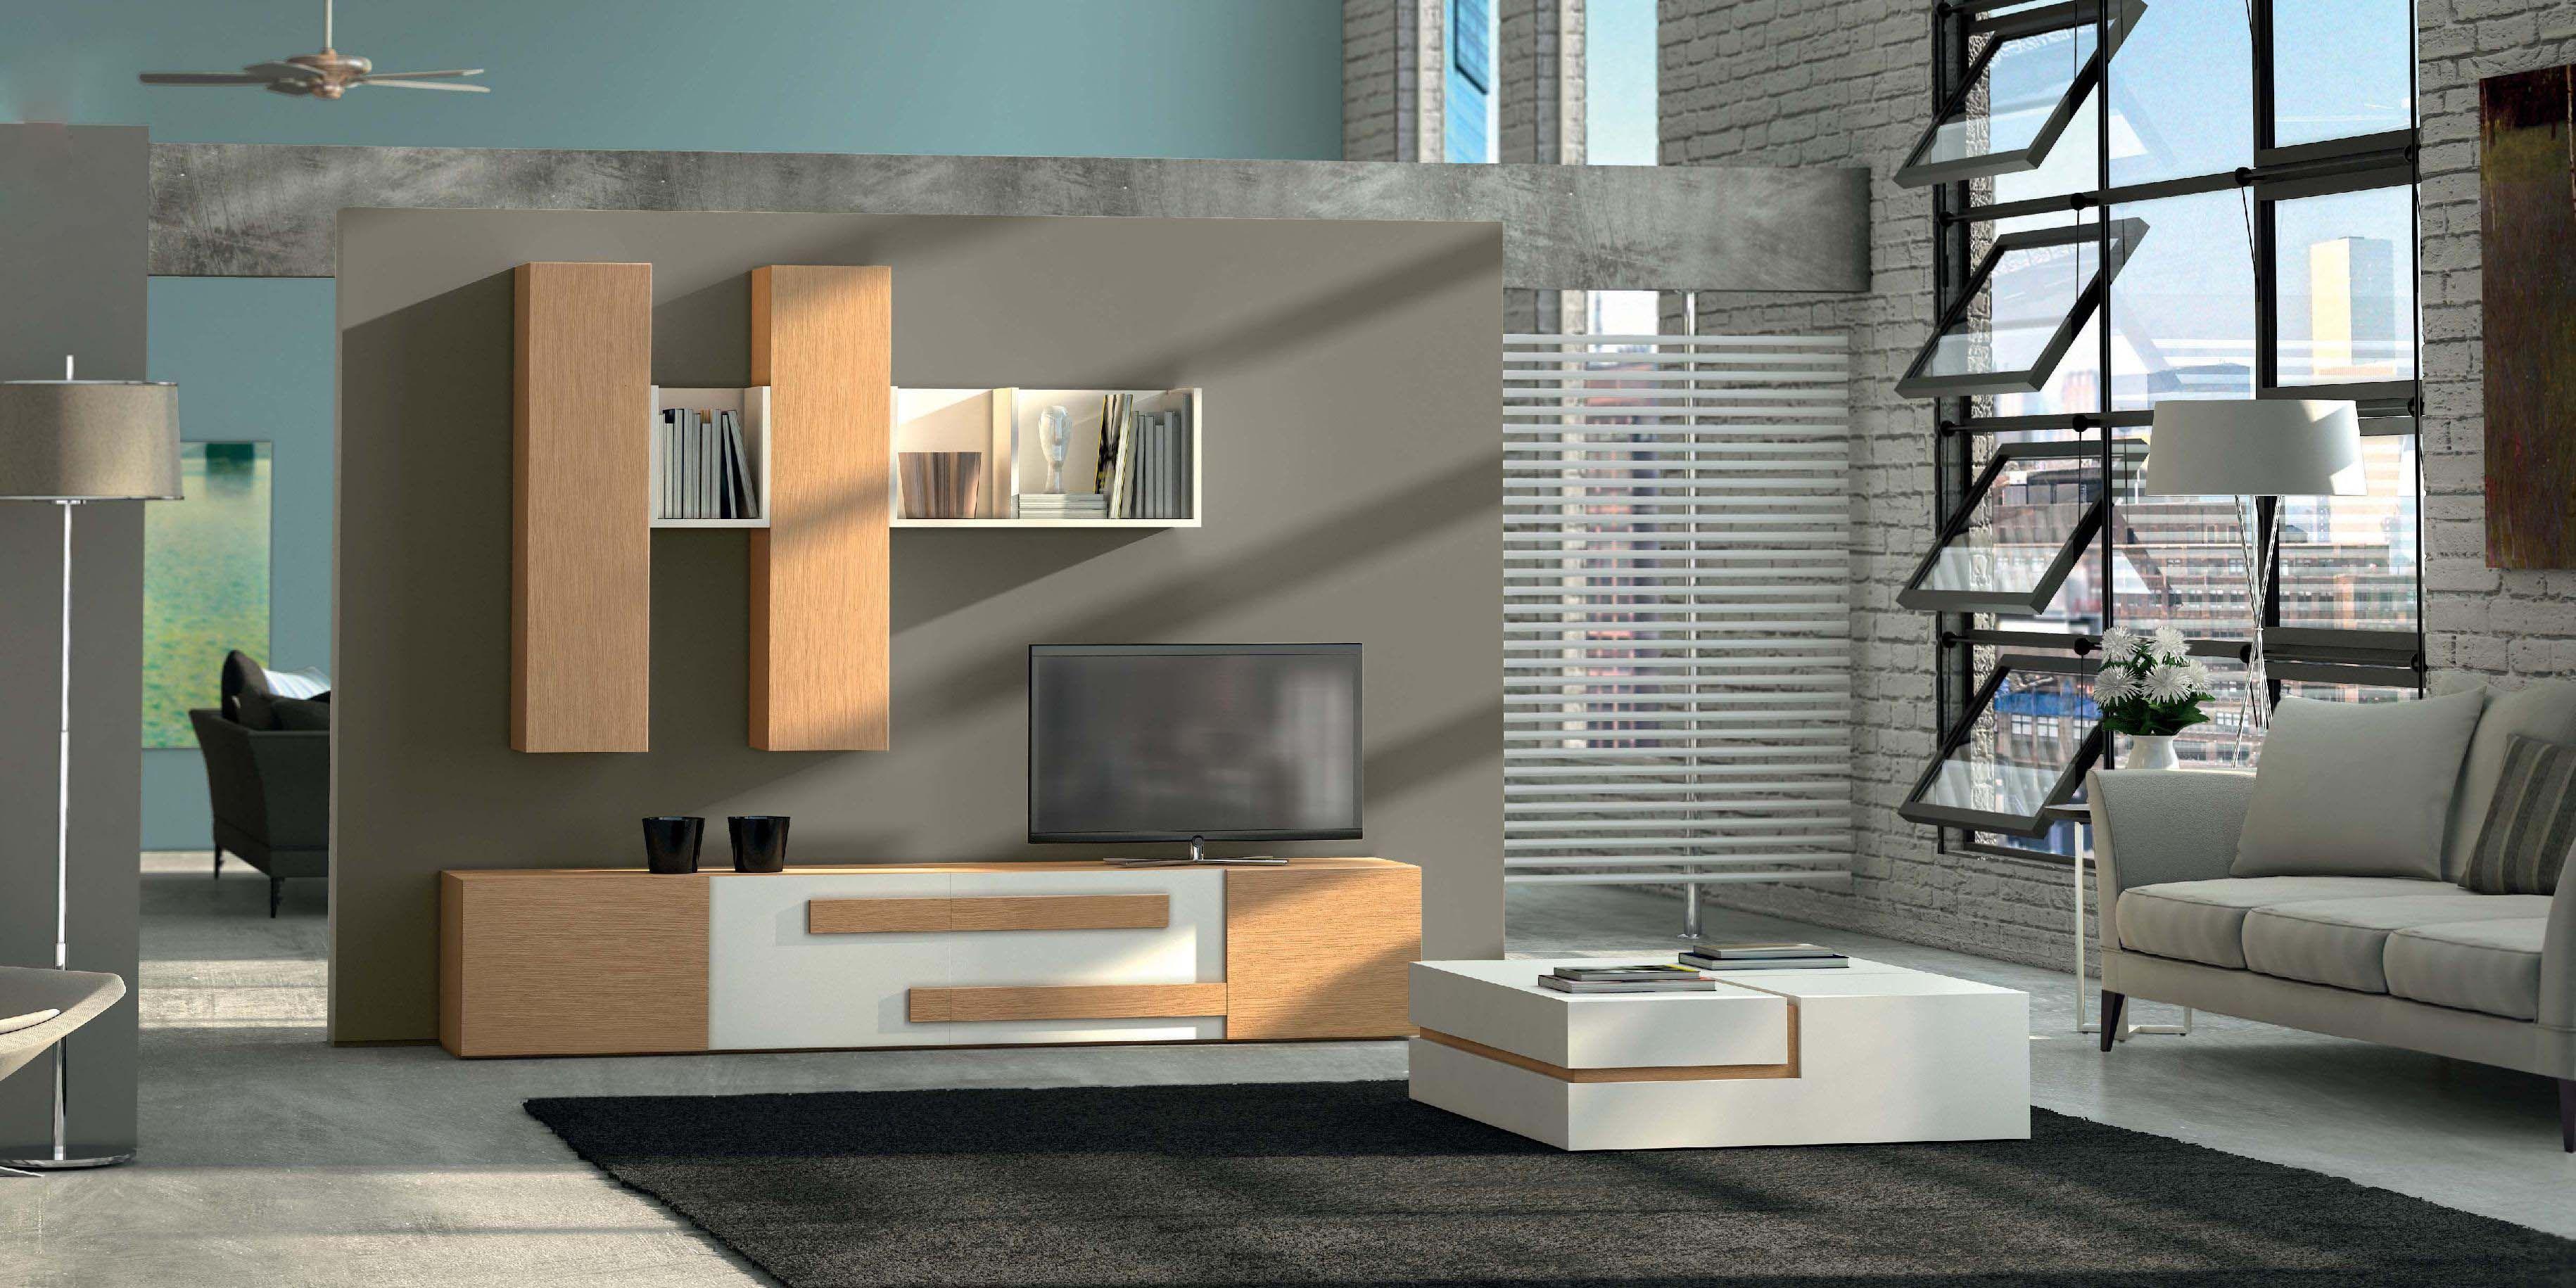 Mob Lias De Sala De Estar Modernas Modern Living Room Furniture  # Muebles Sapateras